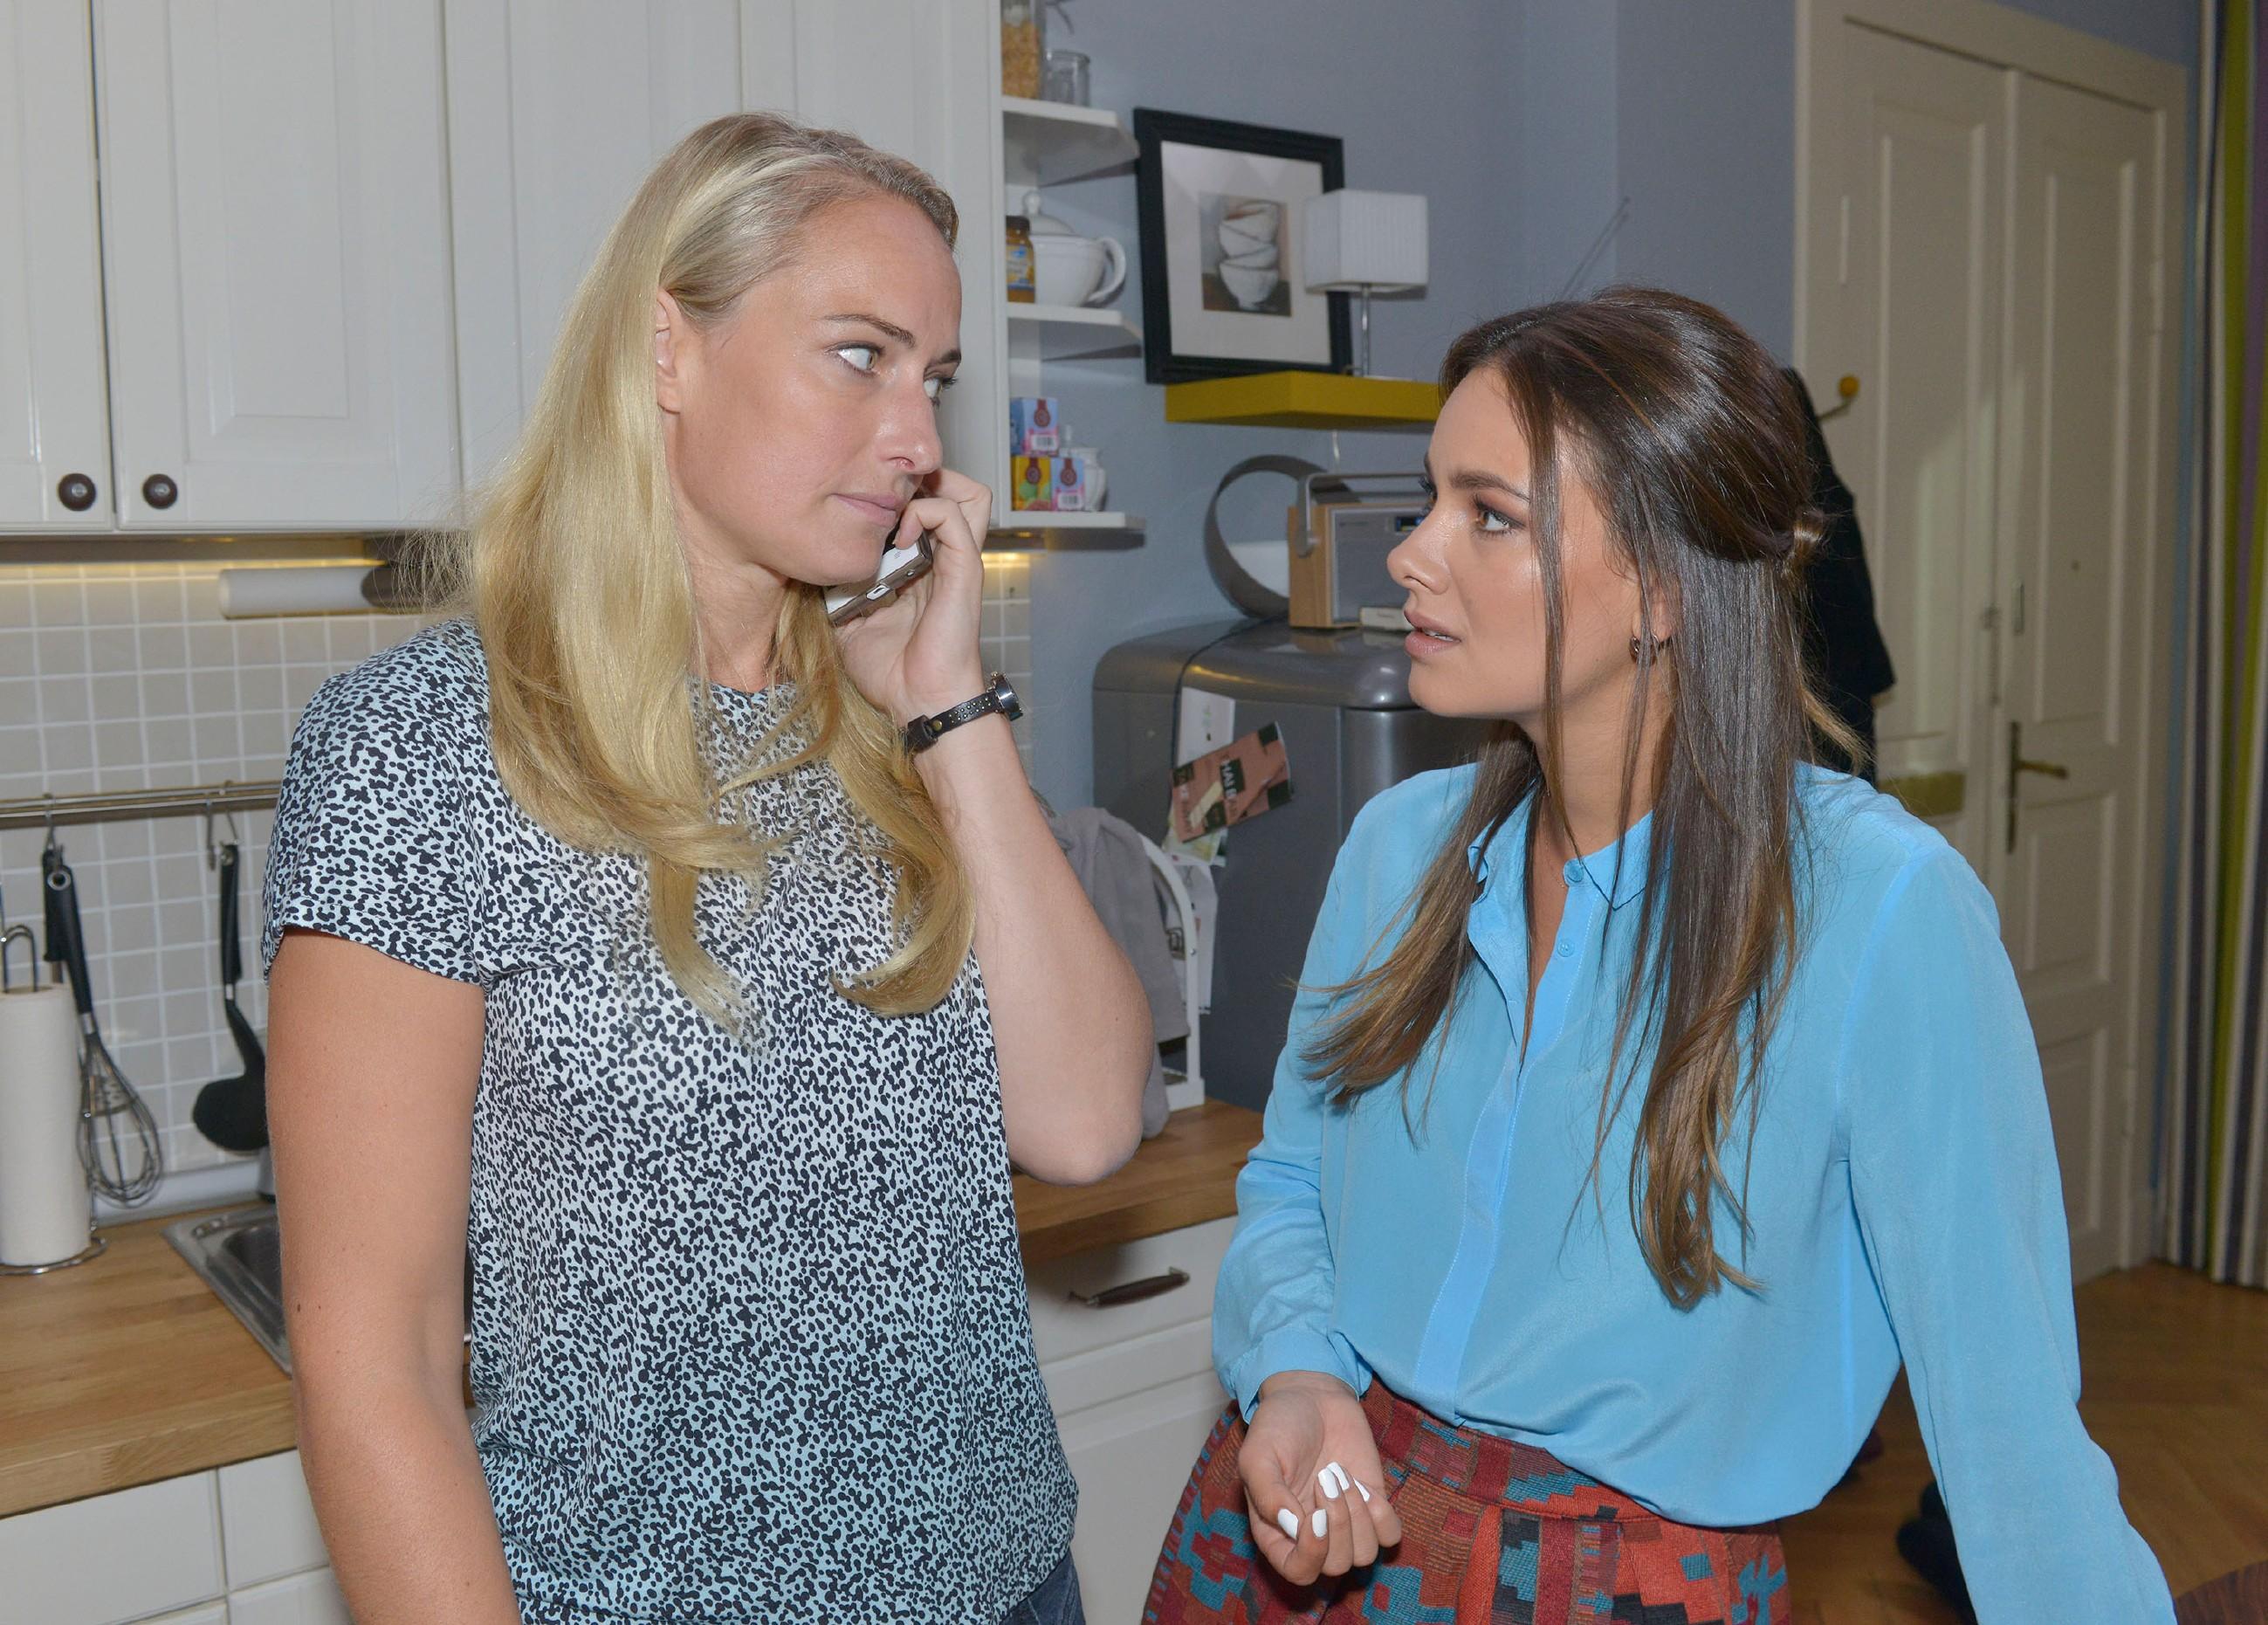 Jasmin (Janina Uhse, r.) versucht Maren (Eva Mona Rodekirchen) davon zu überzeugen, dass Gerner der ideale Anwalt für Lilly wäre. (Quelle: RTL / Rolf Baumgartner)